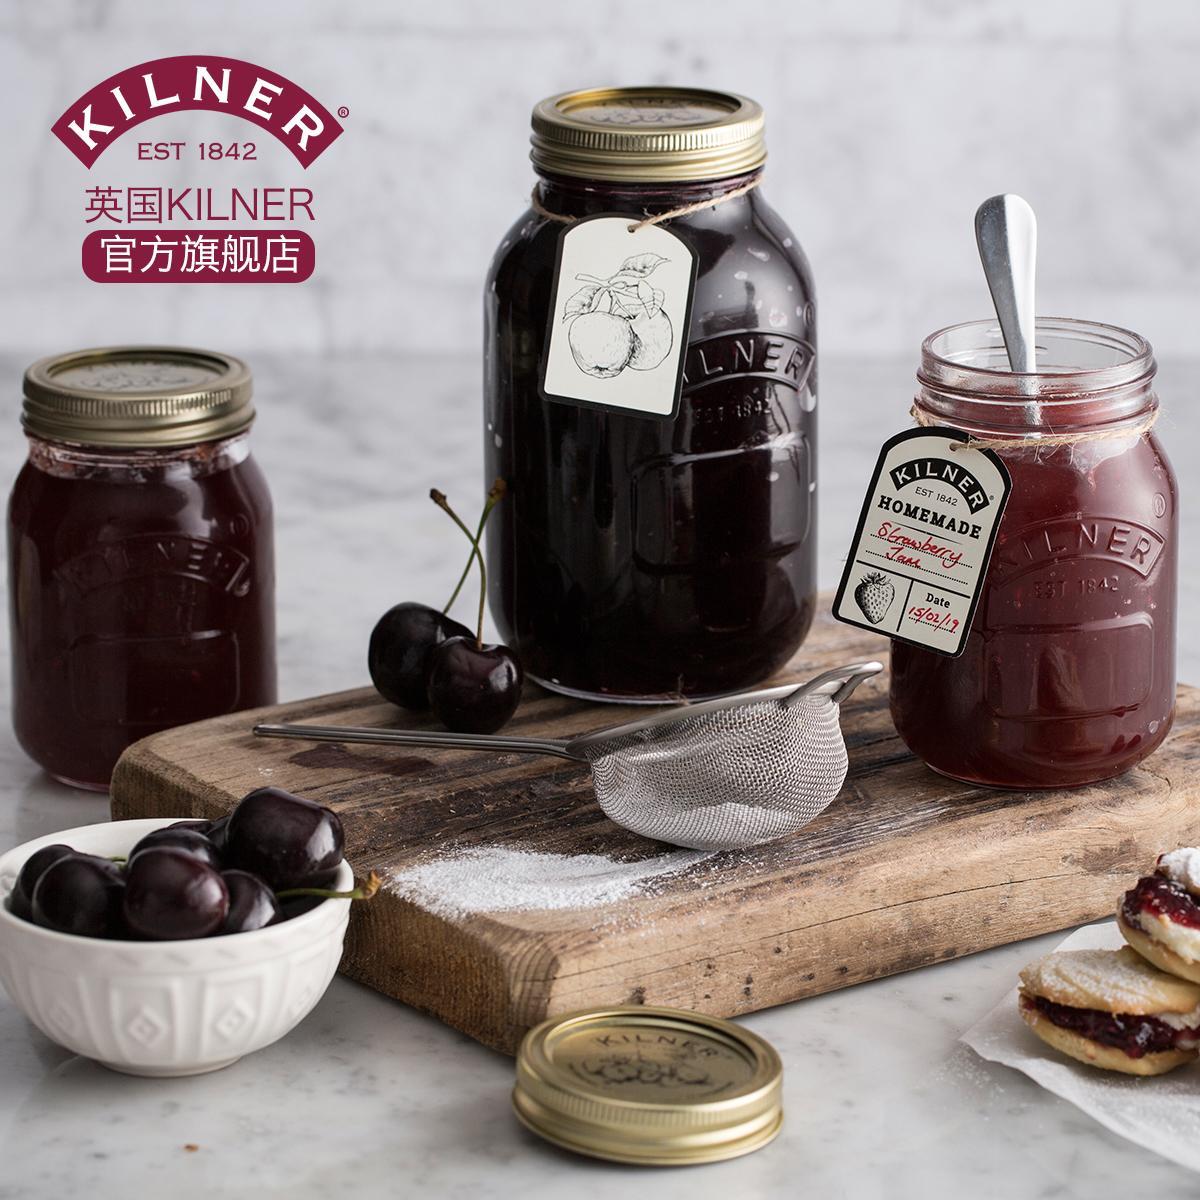 英国Kilner密封罐玻璃果酱耐热燕窝分装蜂蜜瓶铁盖 伯明翰系列